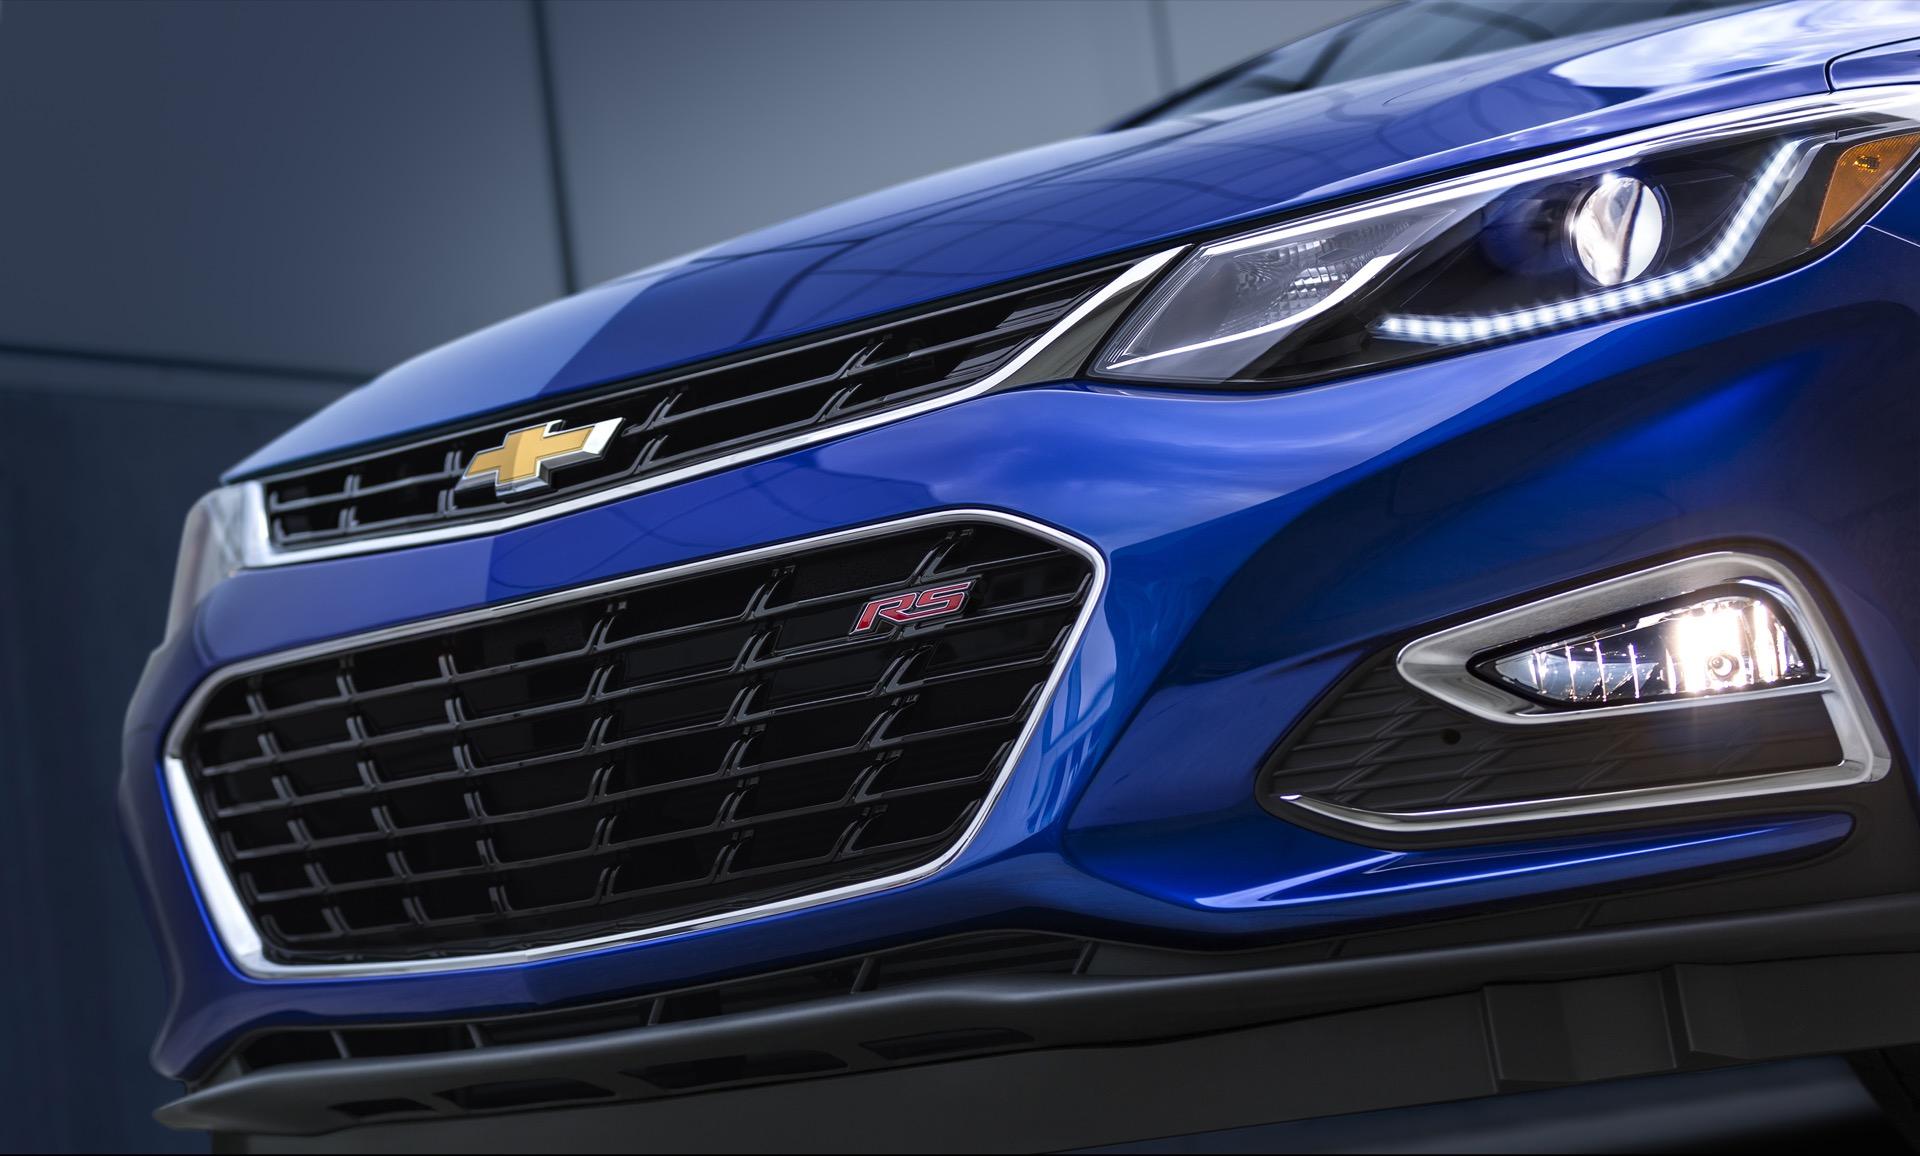 2016 Chevrolet Cruze Will Add Hatchback As Well Sedan Following Ford Honda